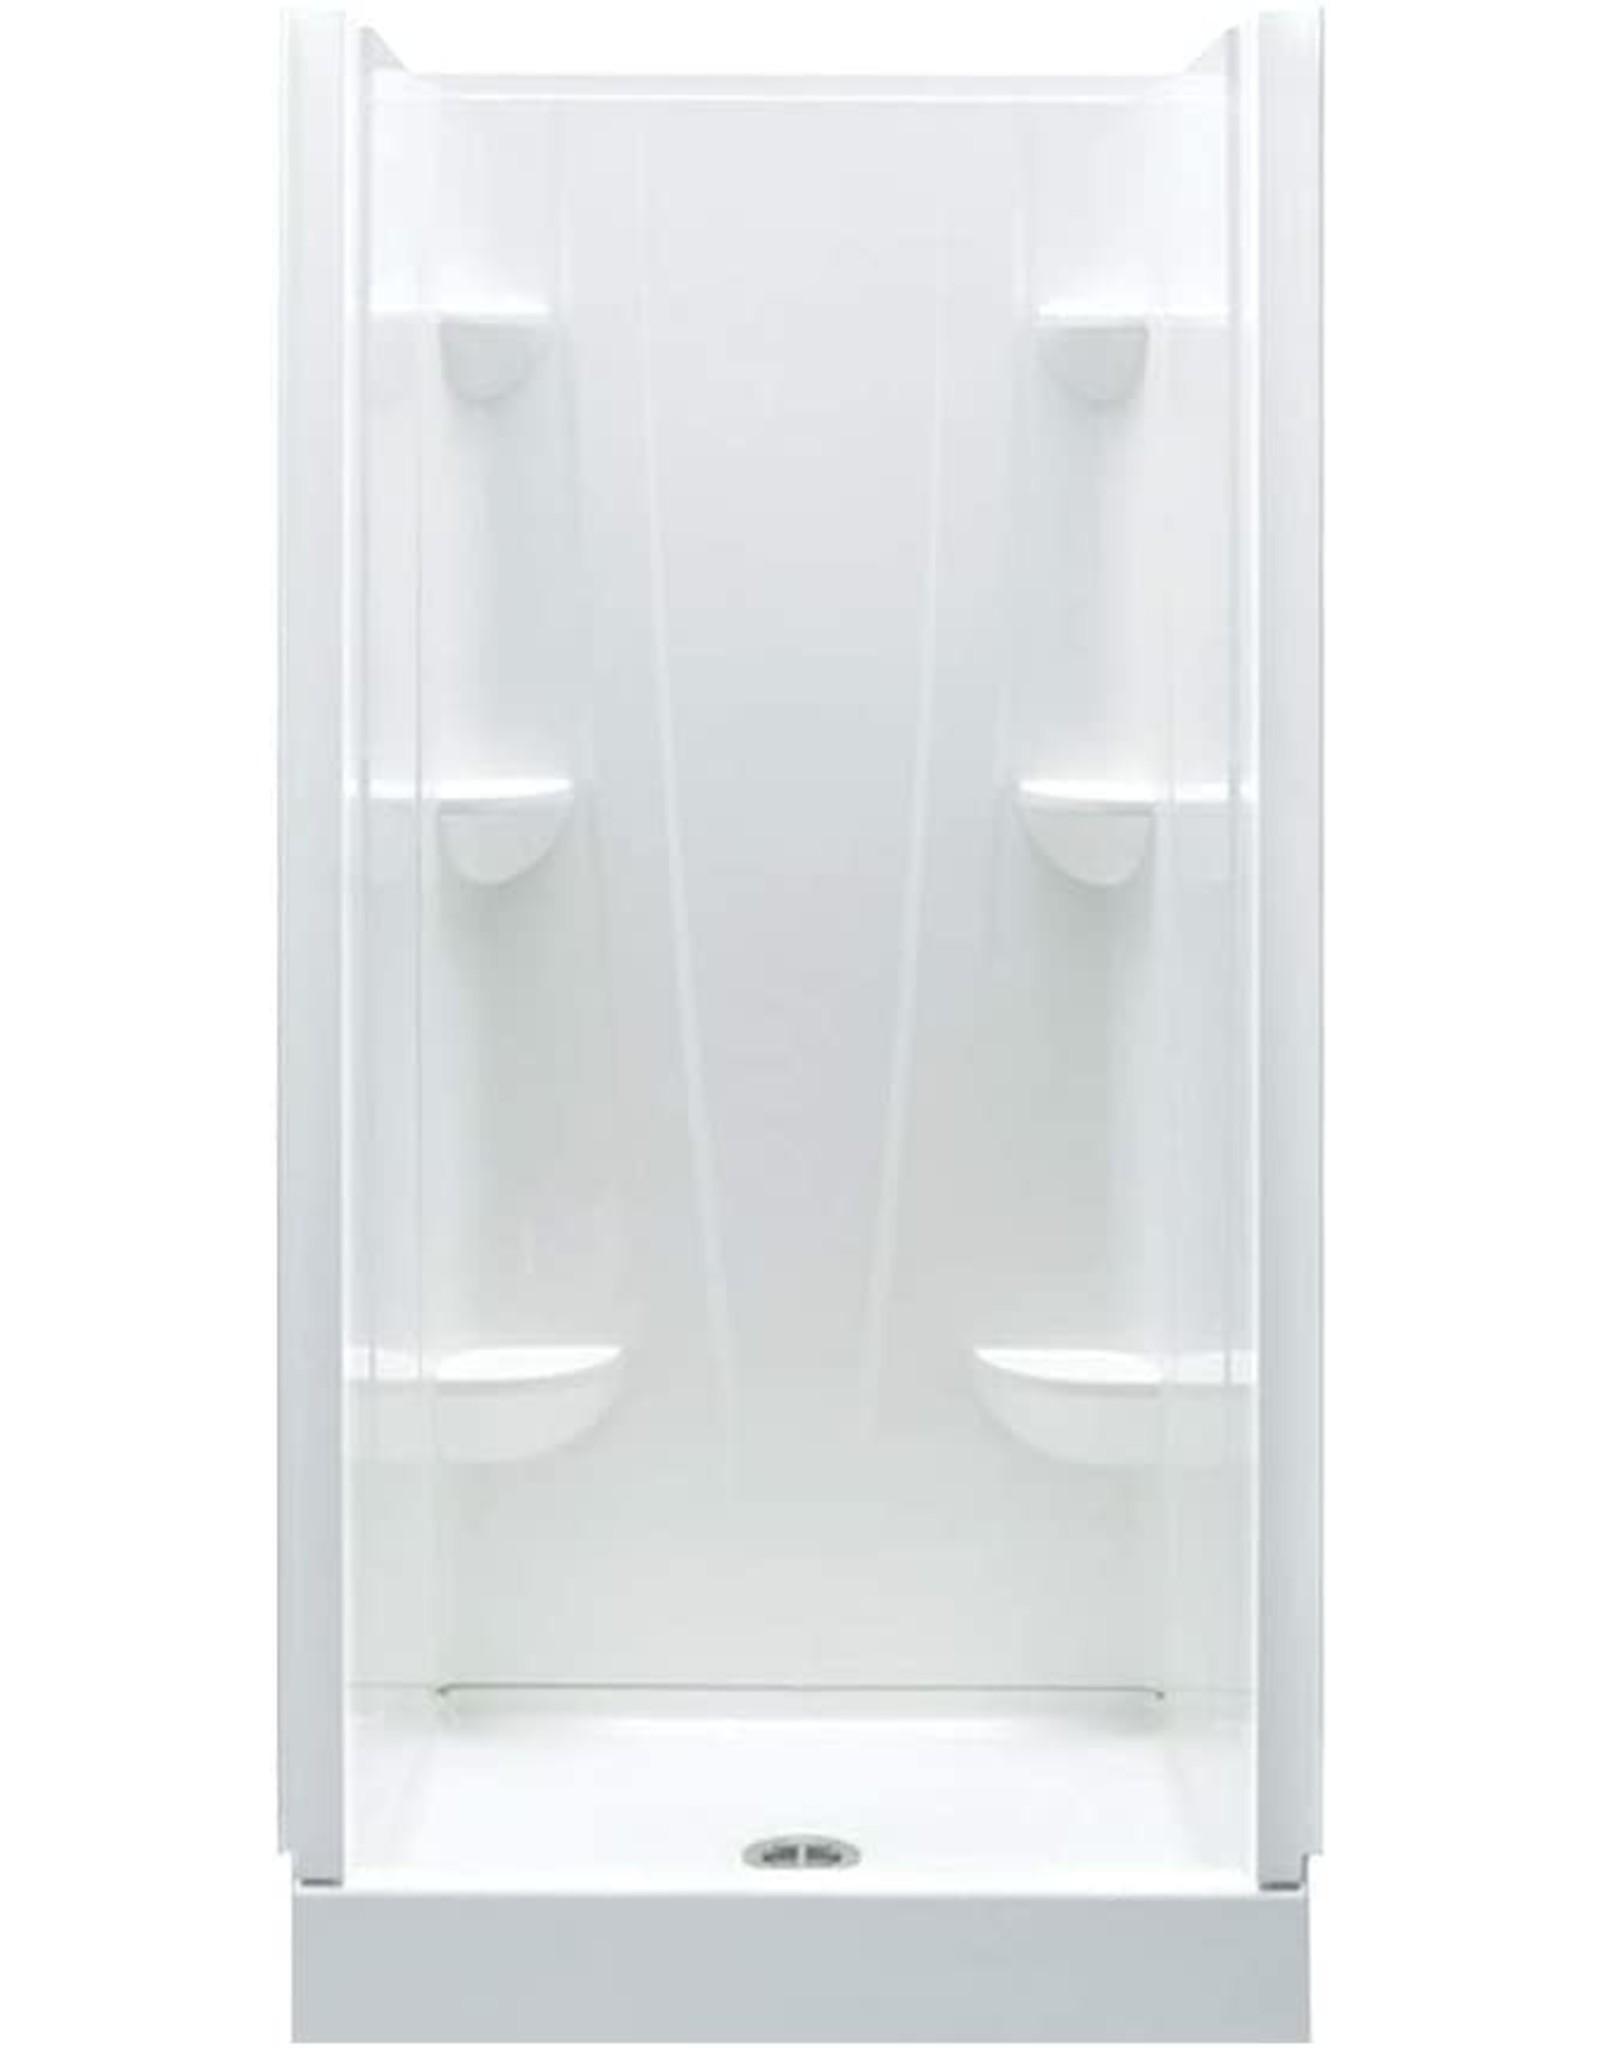 A2 A2 3636CS-136655-WC Shower Kit with Door, 36-in L x 36-in W x 76-in H, White/Chrome